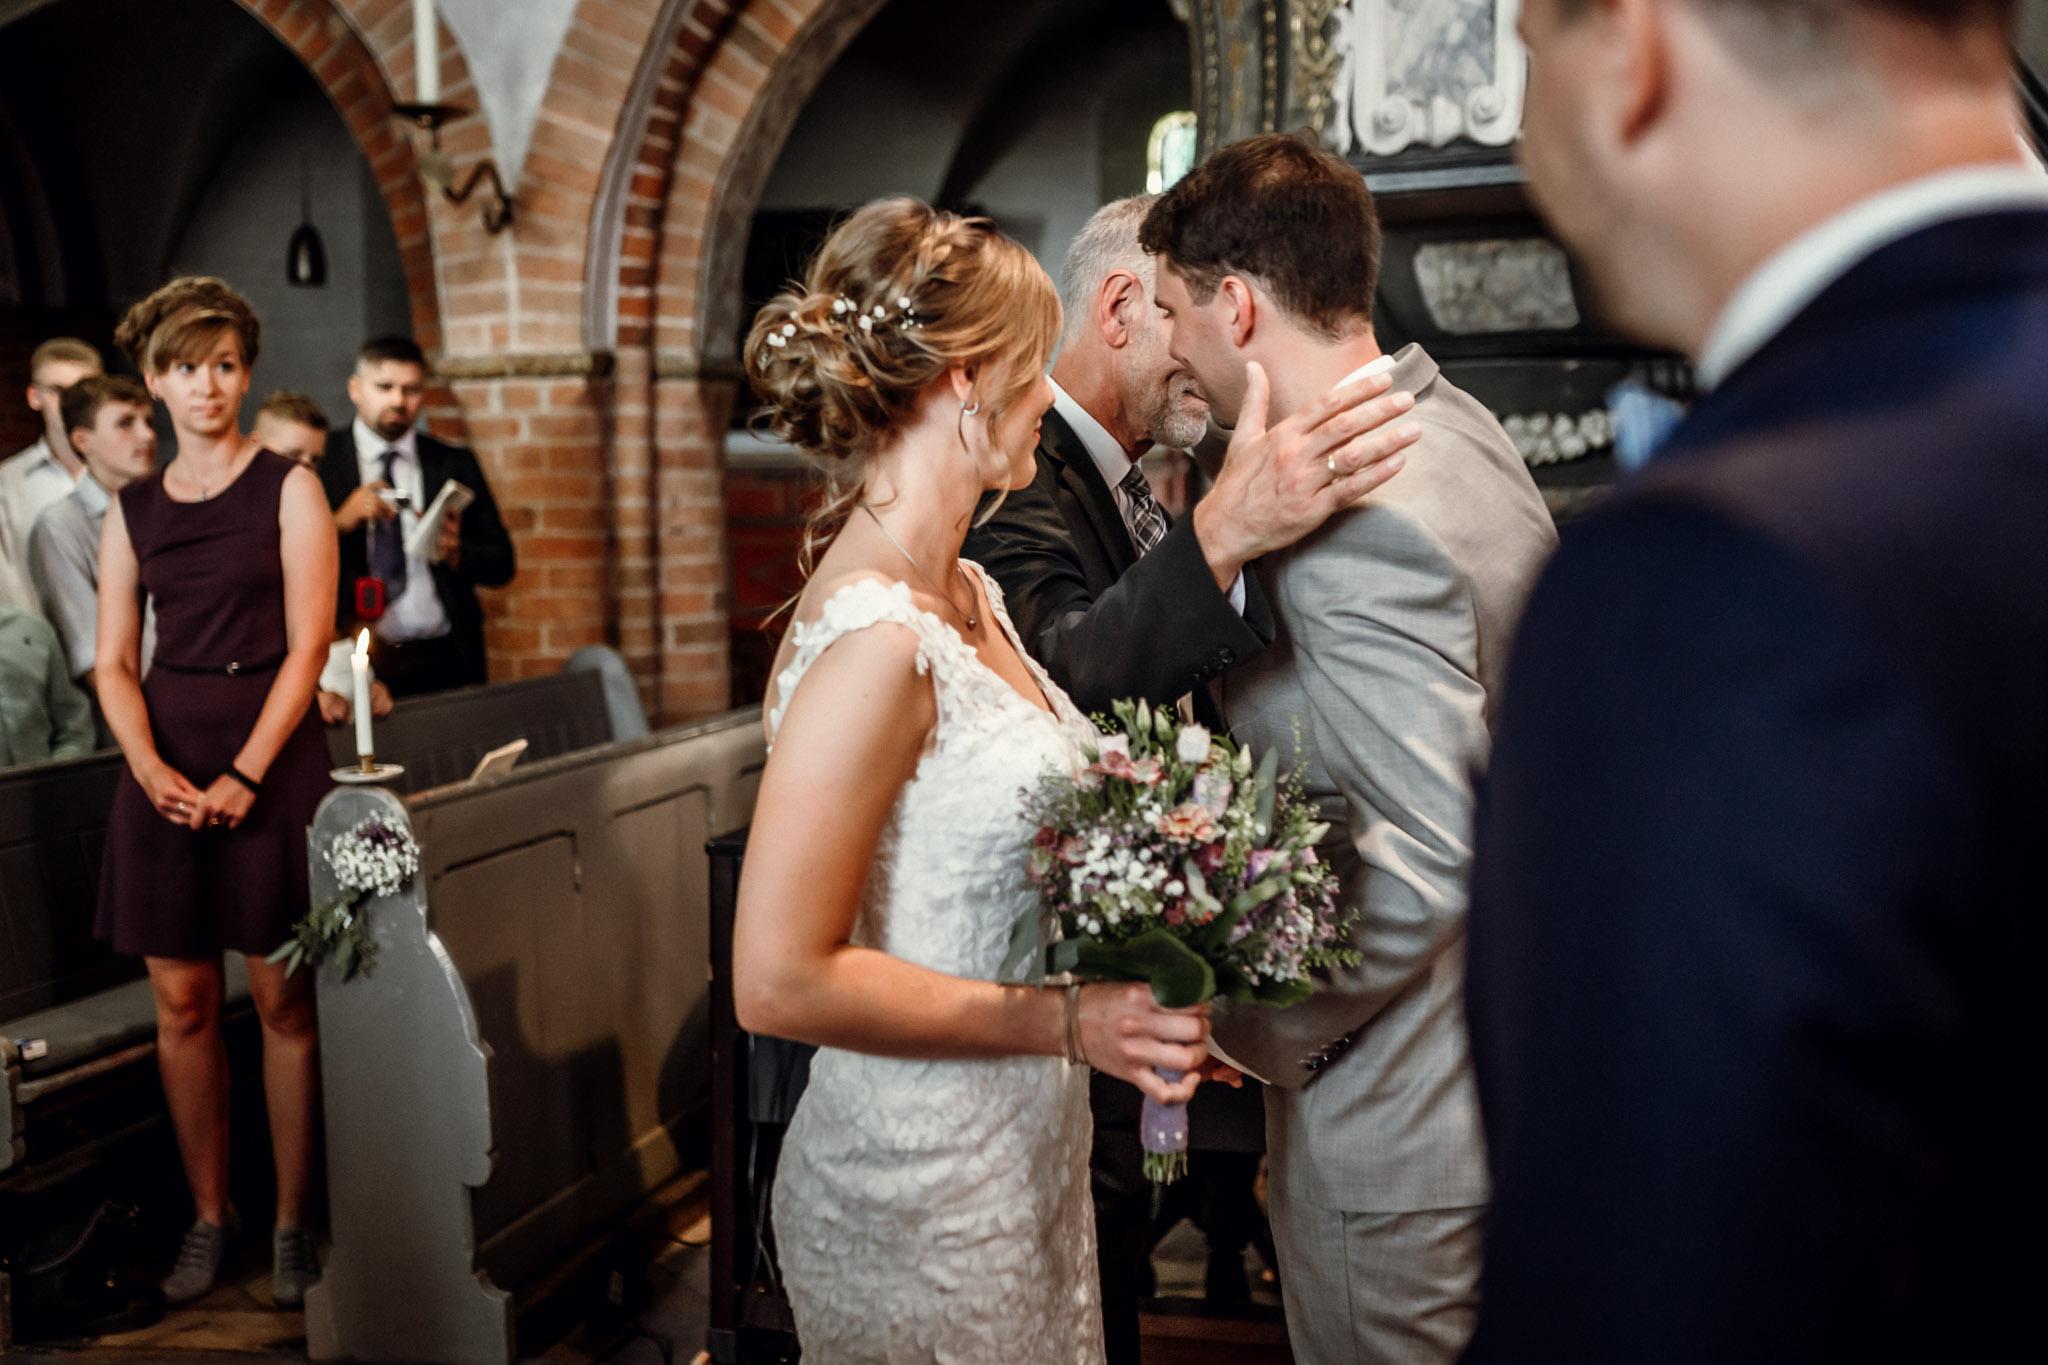 Sven Schomburg Hochzeitsfotografie, Hamburg, Mölln, Hochzeitsfieber by Photo-Schomburg, Hochzeitsreportage, Forsthaus Waldhusen, Braut, Bräutigam-27